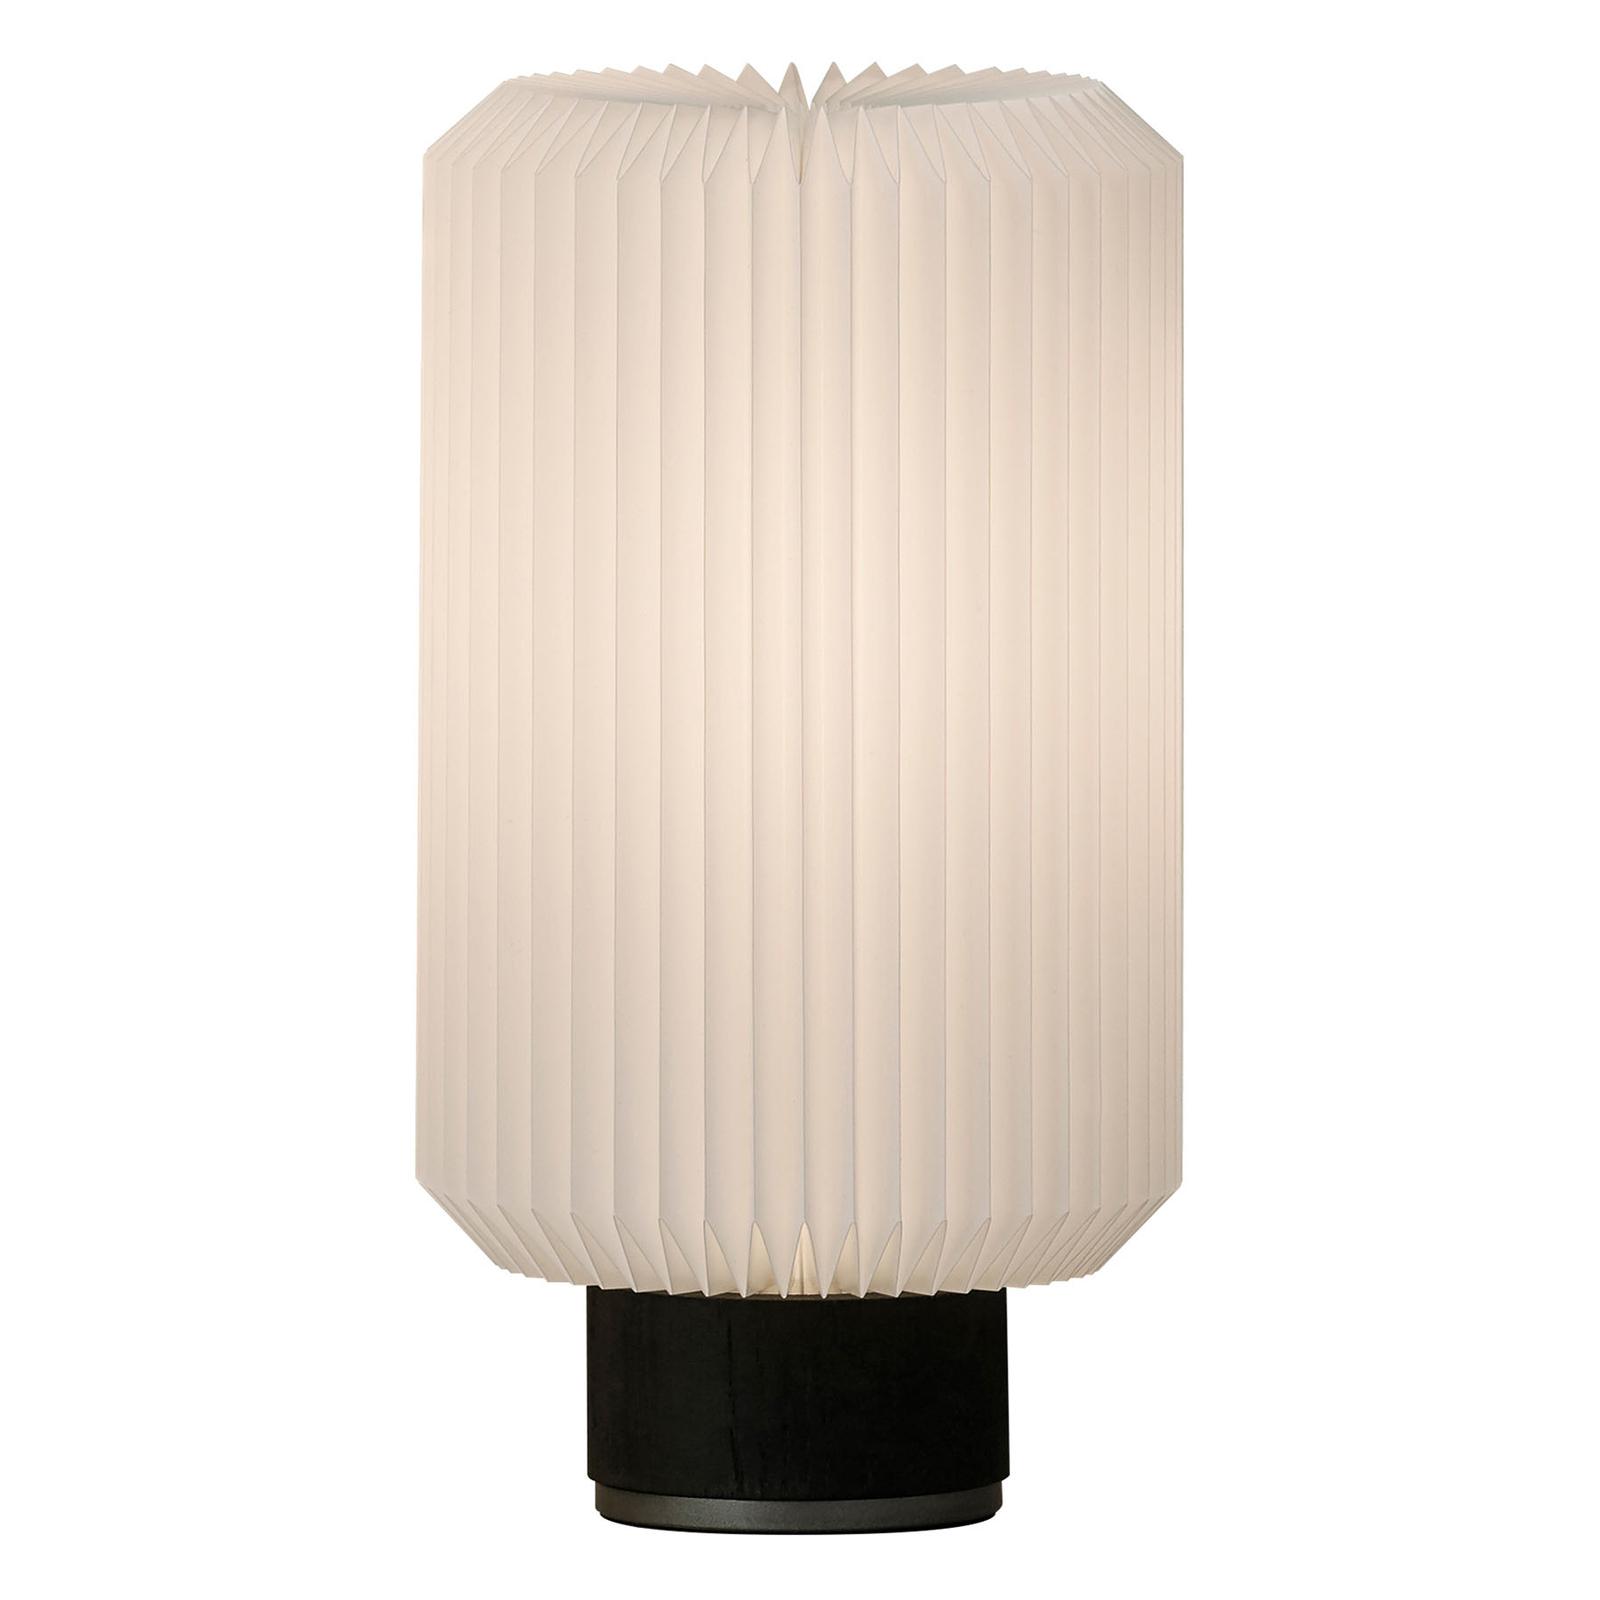 LE KLINT Cylinder Stolní lampa Ø 14 cm